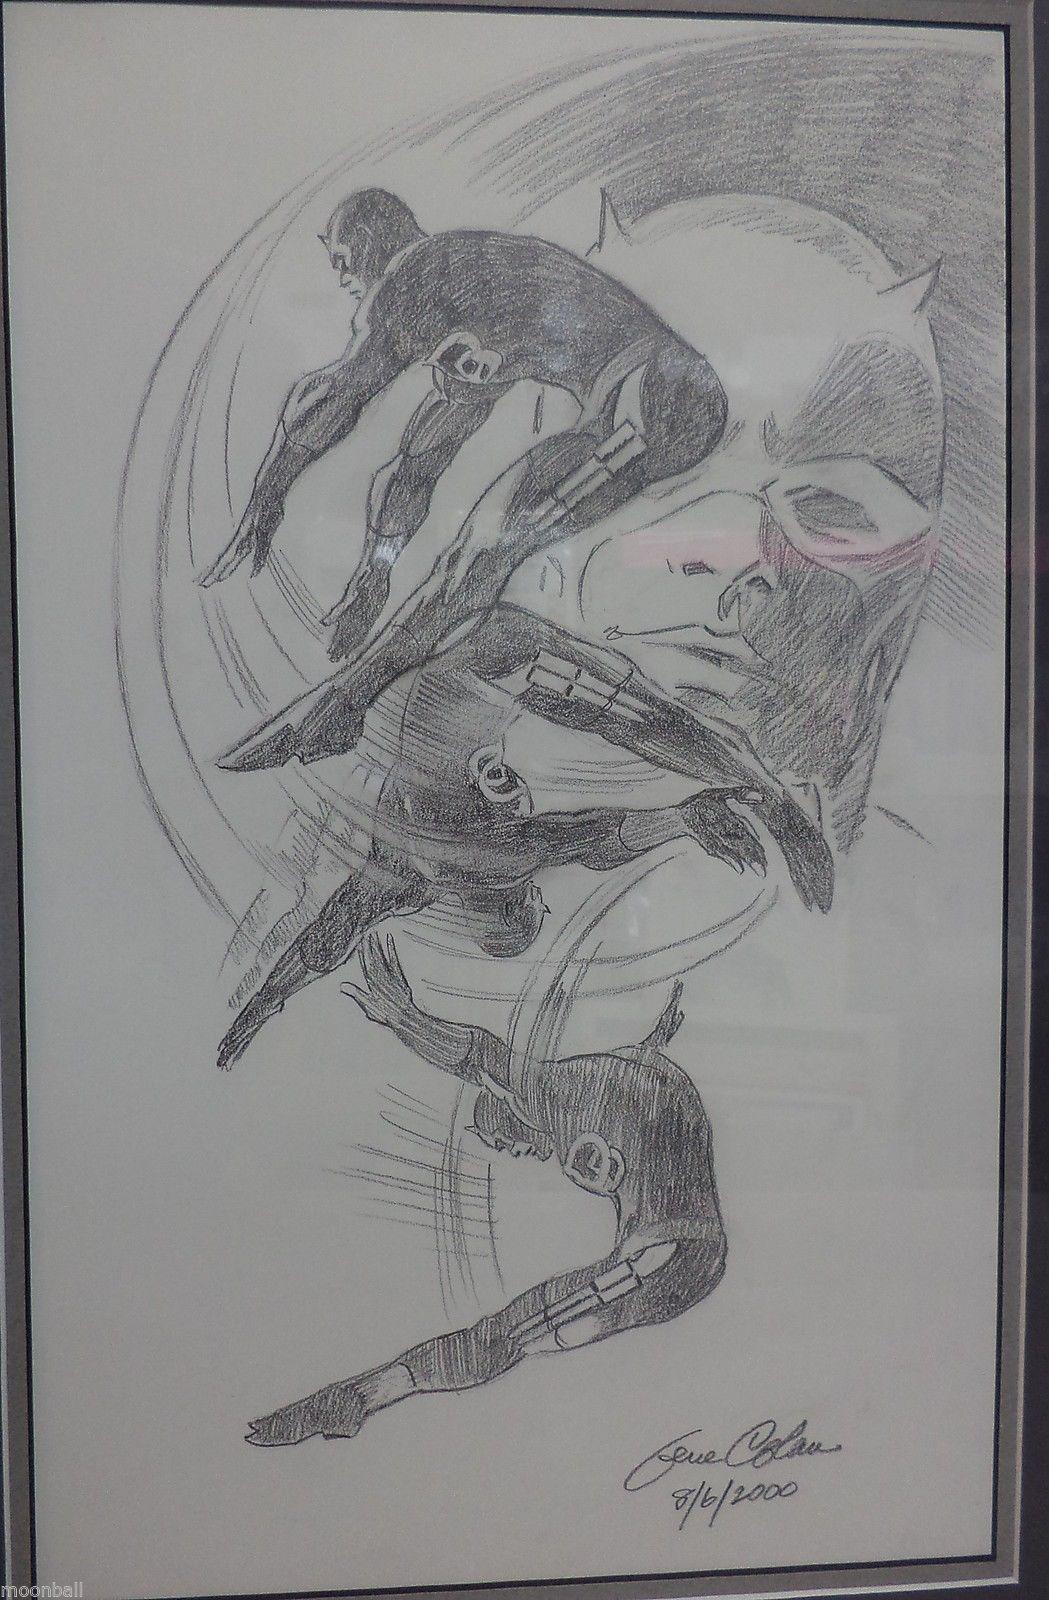 Gene Colan - Daredevil